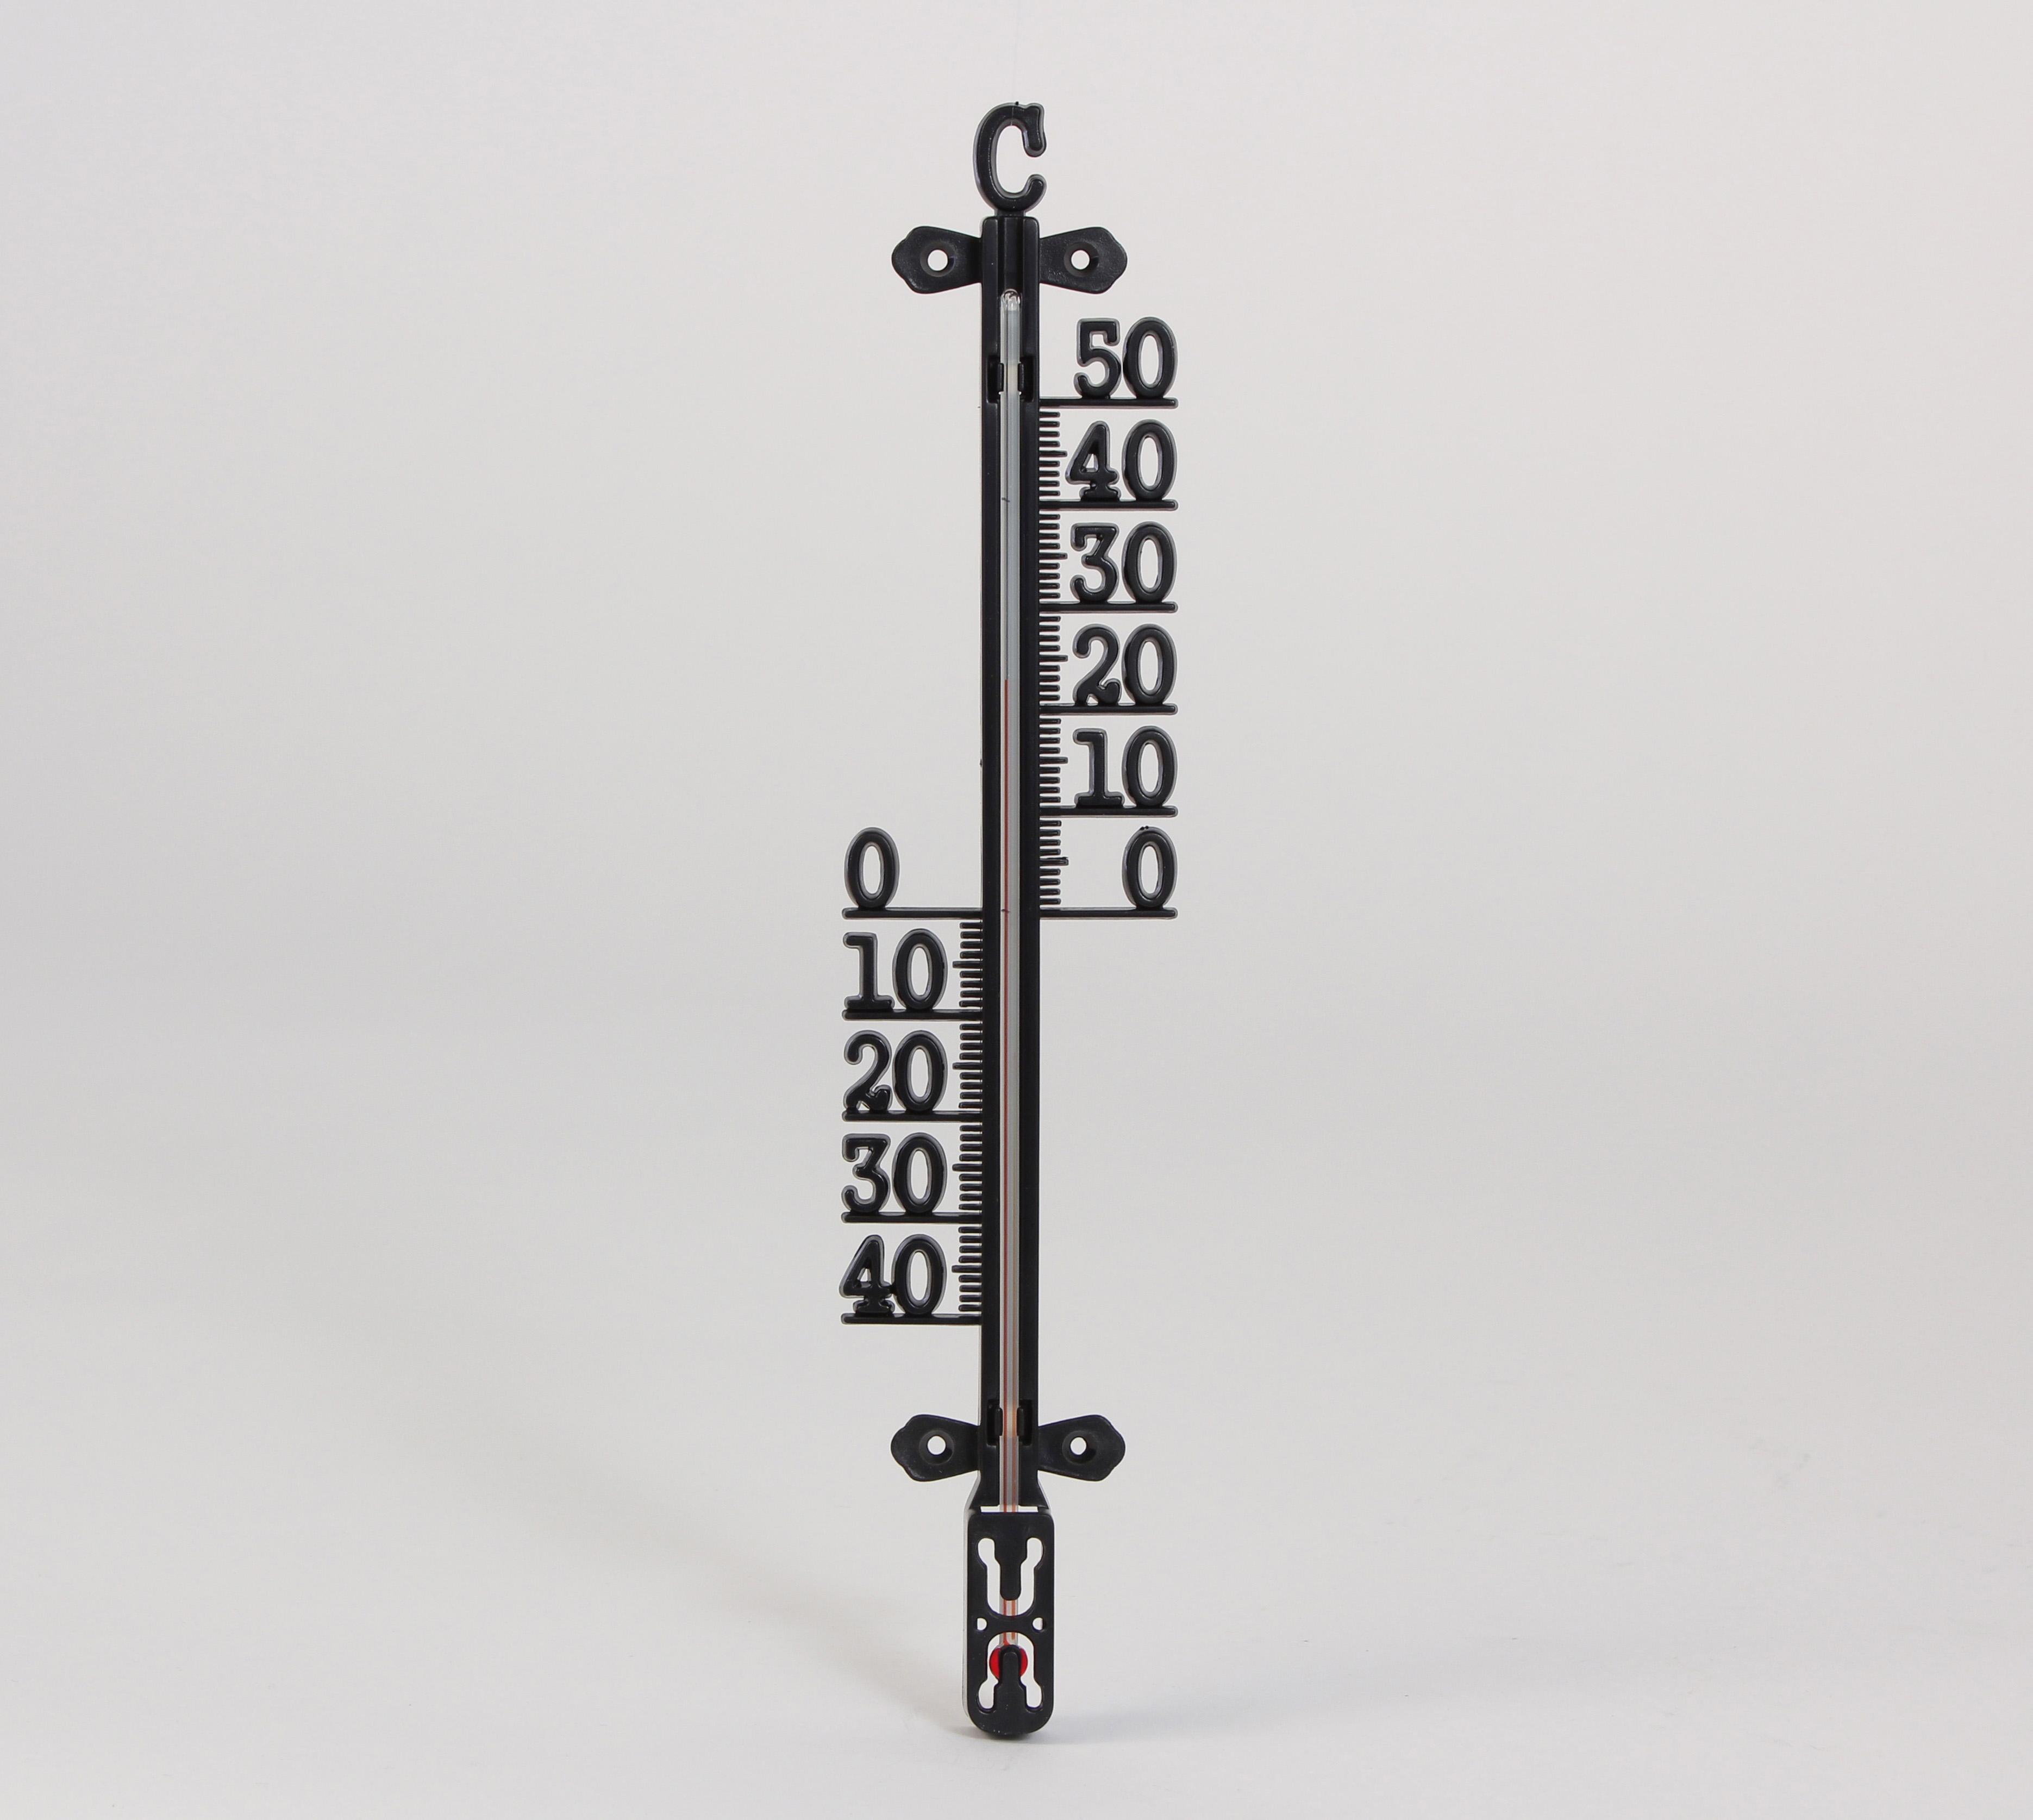 Termometer Cofa För Inne Och Ute Svart 290mm - K-rauta 88c6f295cdeb0